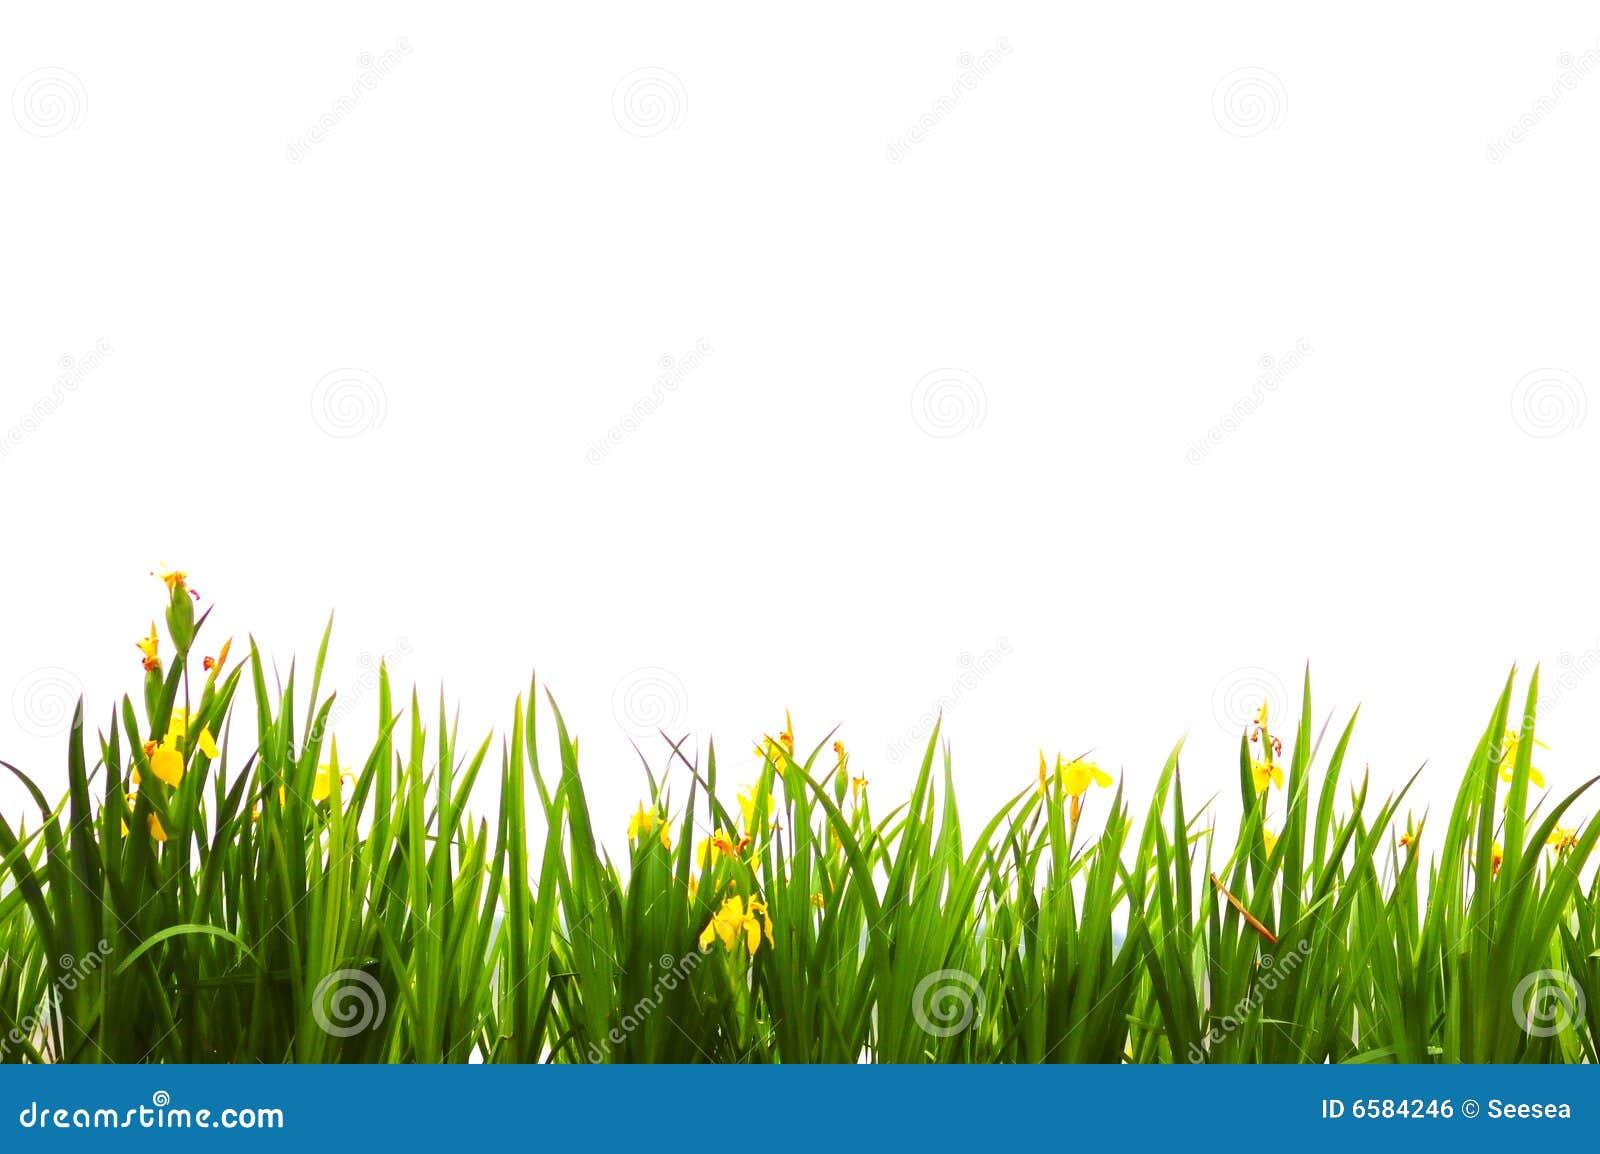 Fondo de la hierba verde Descargar Vectores gratis